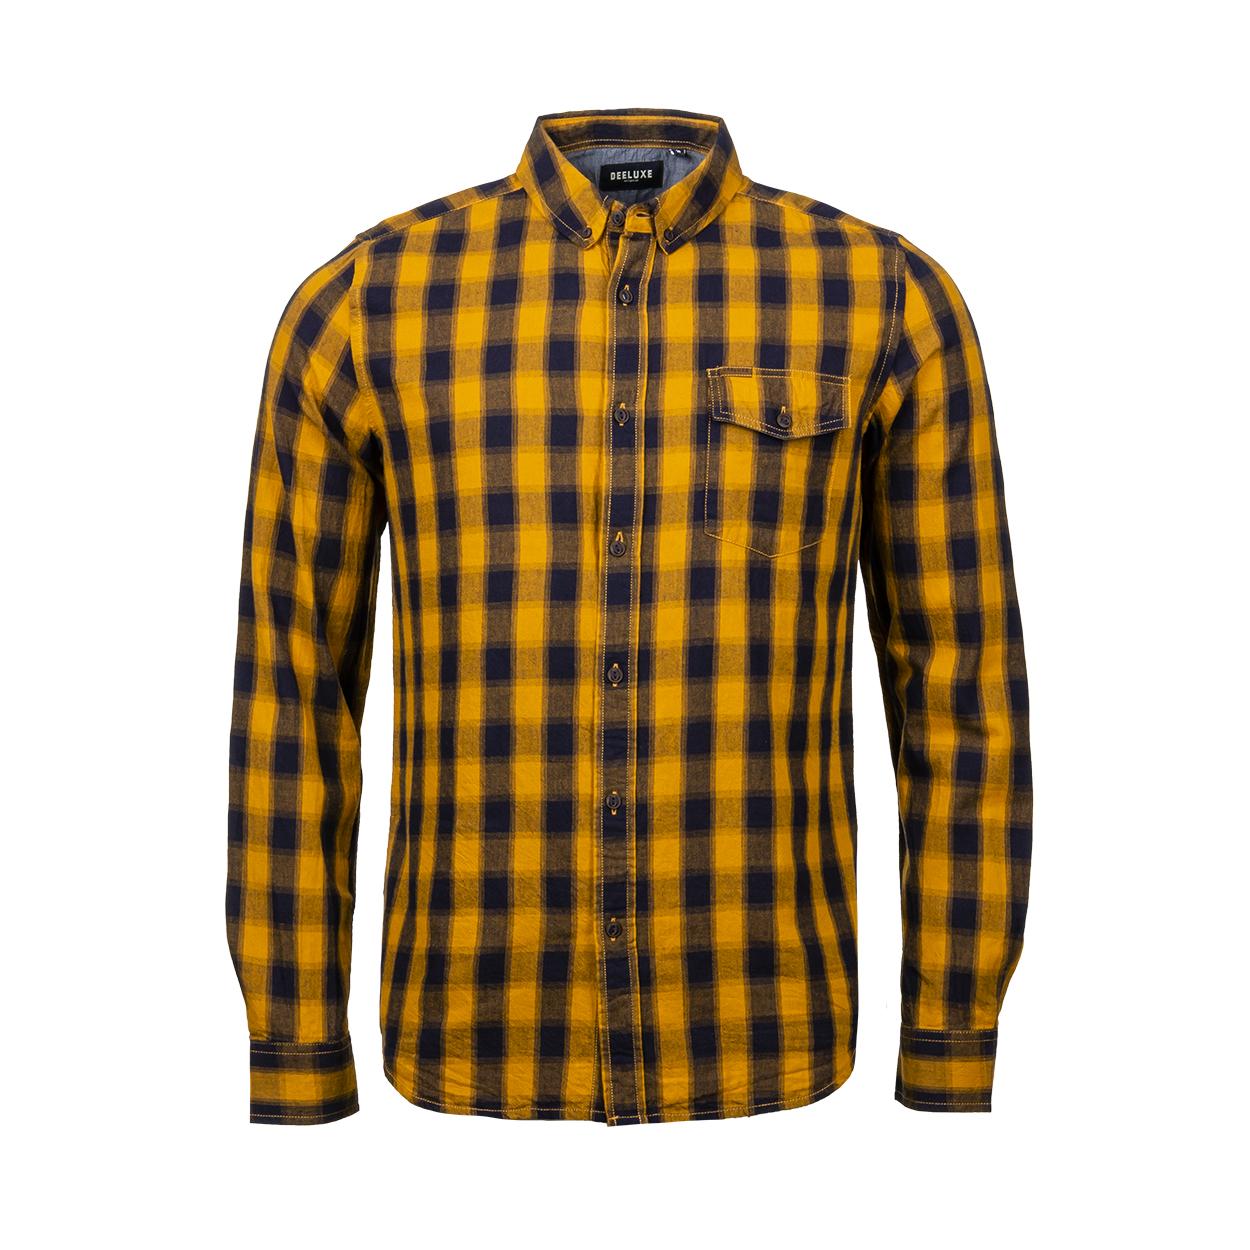 Chemise coupe droite deeluxe pieter en coton à carreaux jaunes et noirs